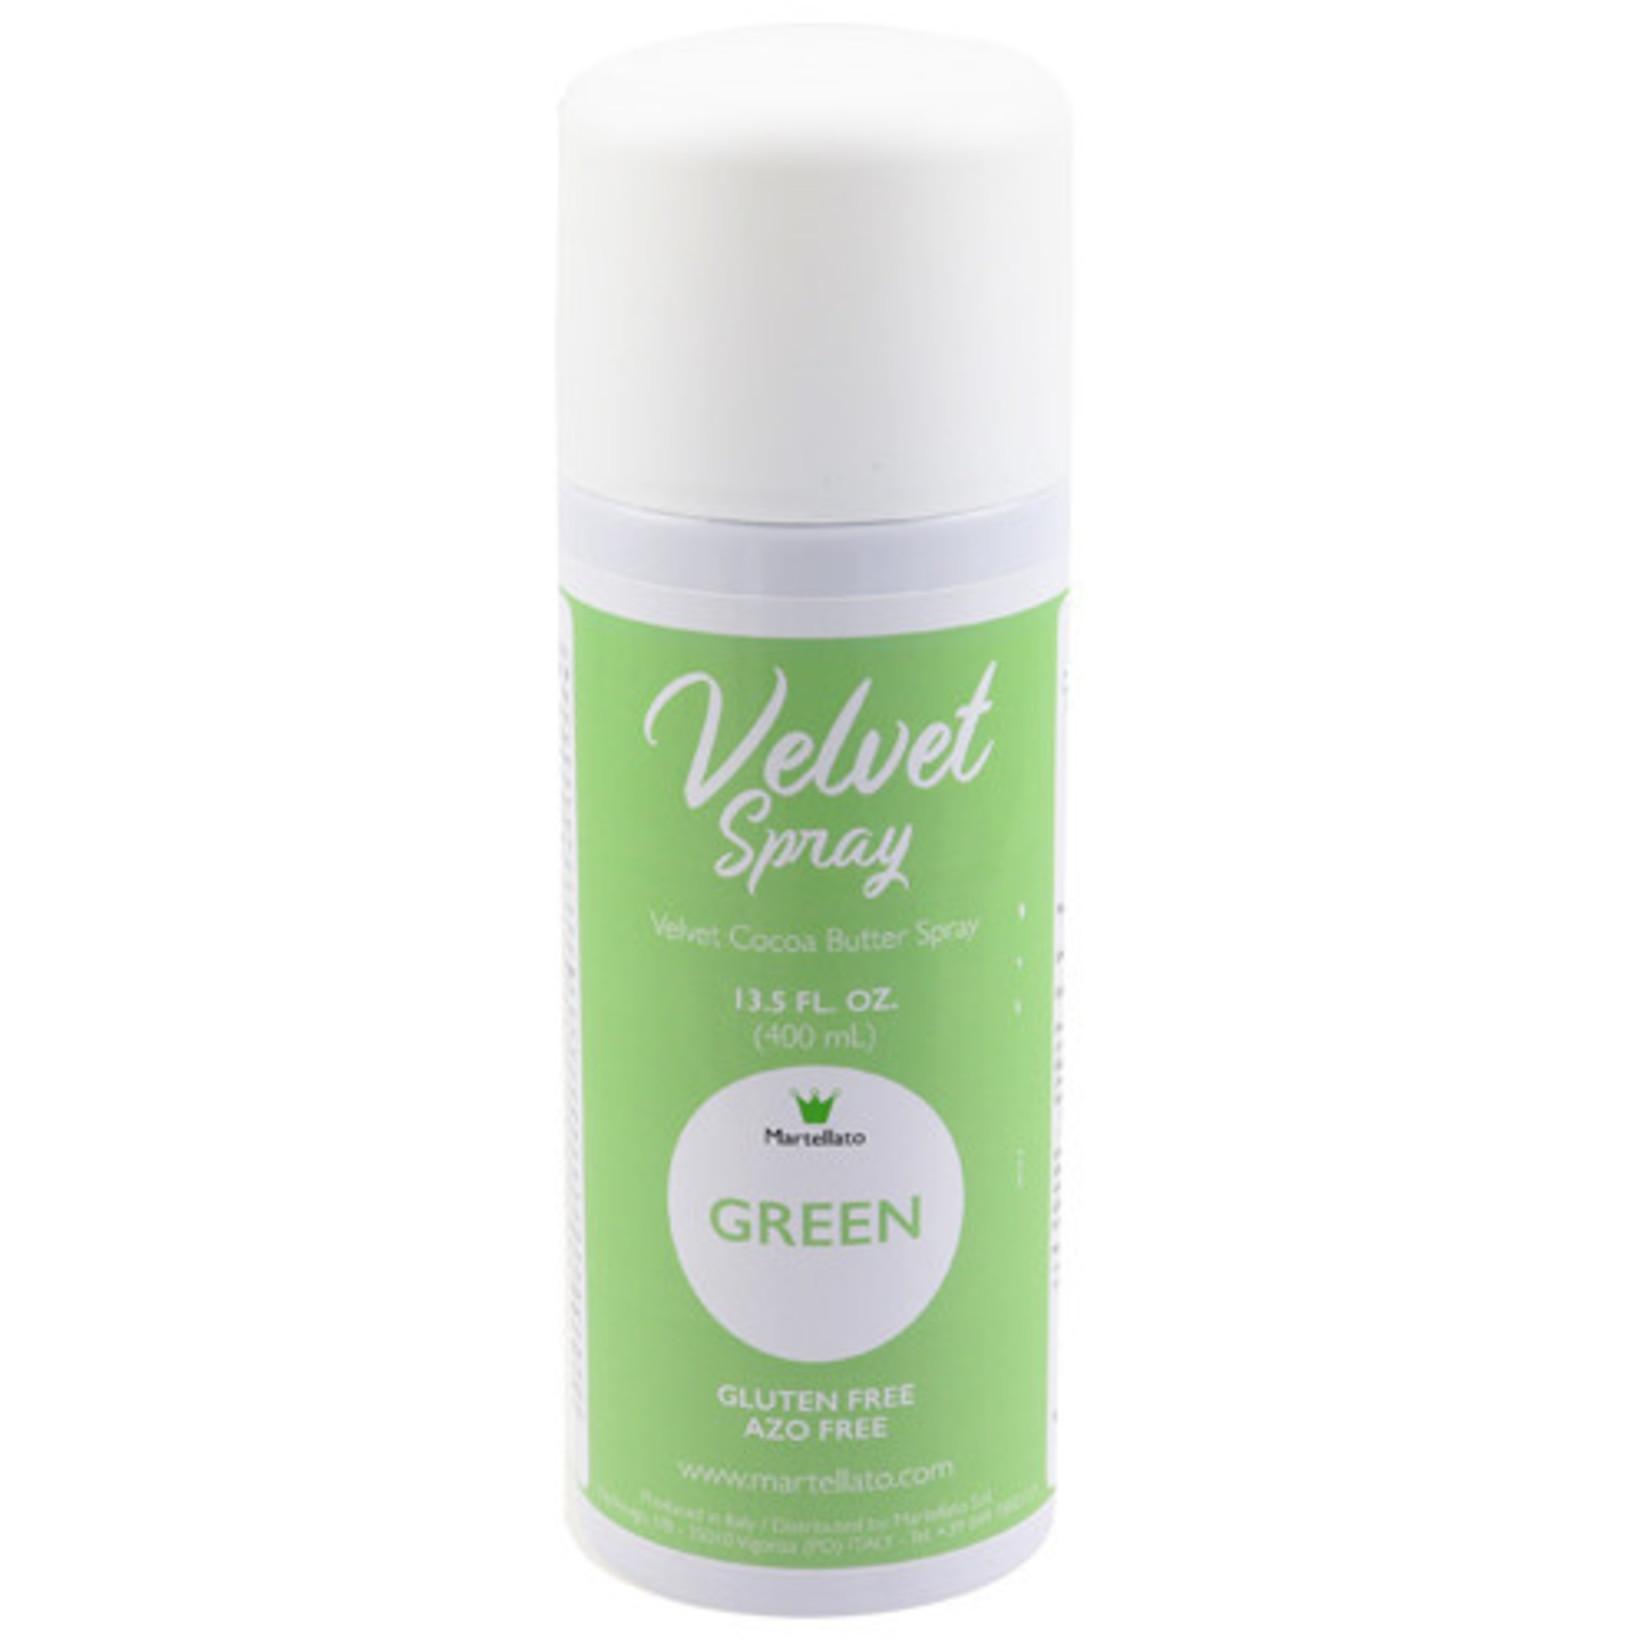 Martellato Martellato - Green Velvet Spray - 13.5oz, LCV209